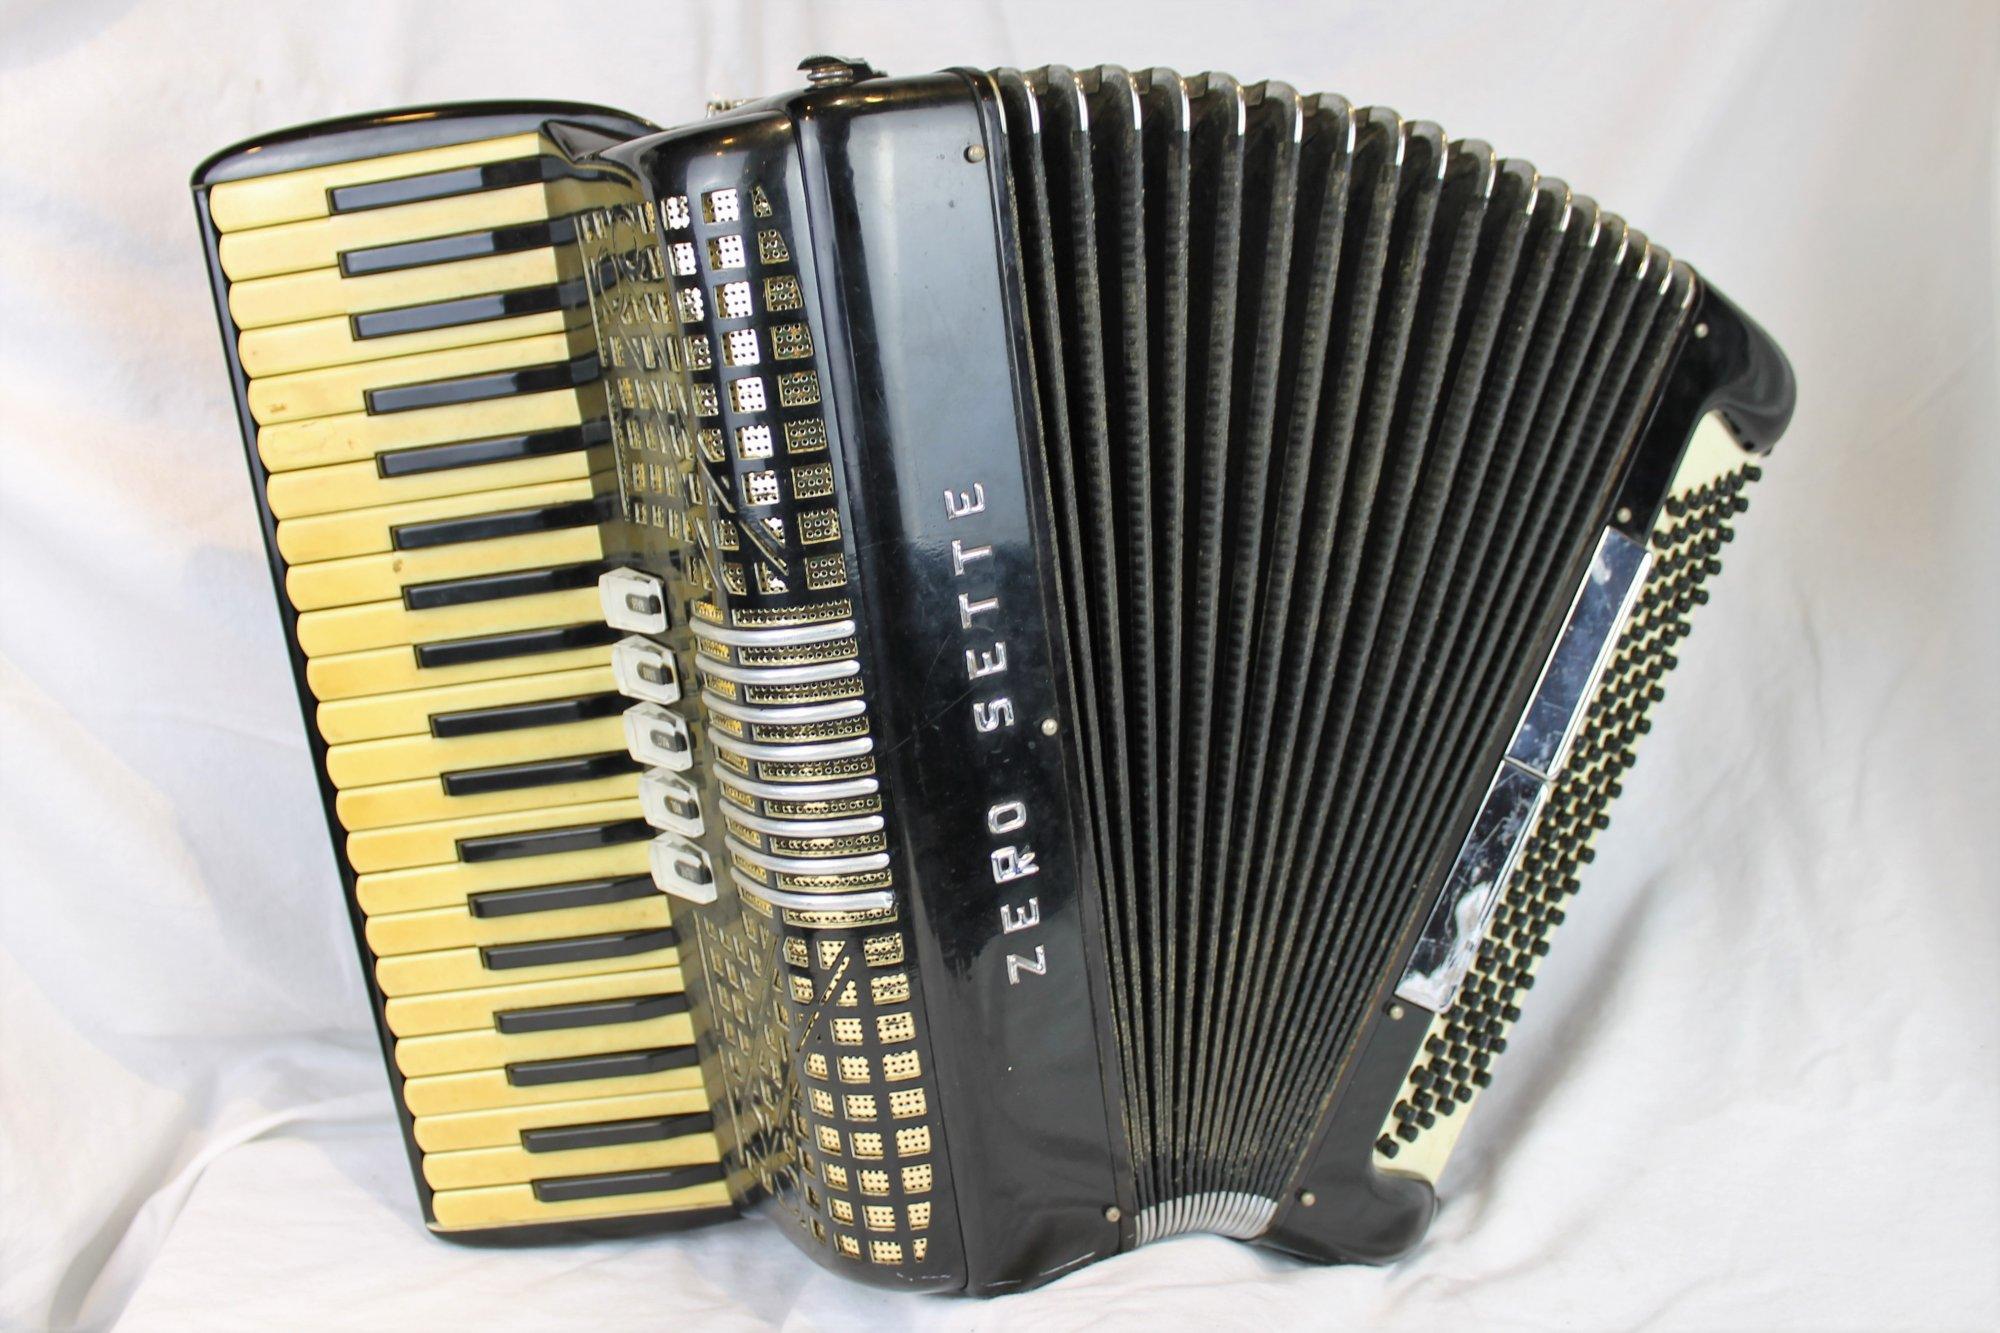 4340 - Black Zero Sette Piano Accordion LMM 41 120